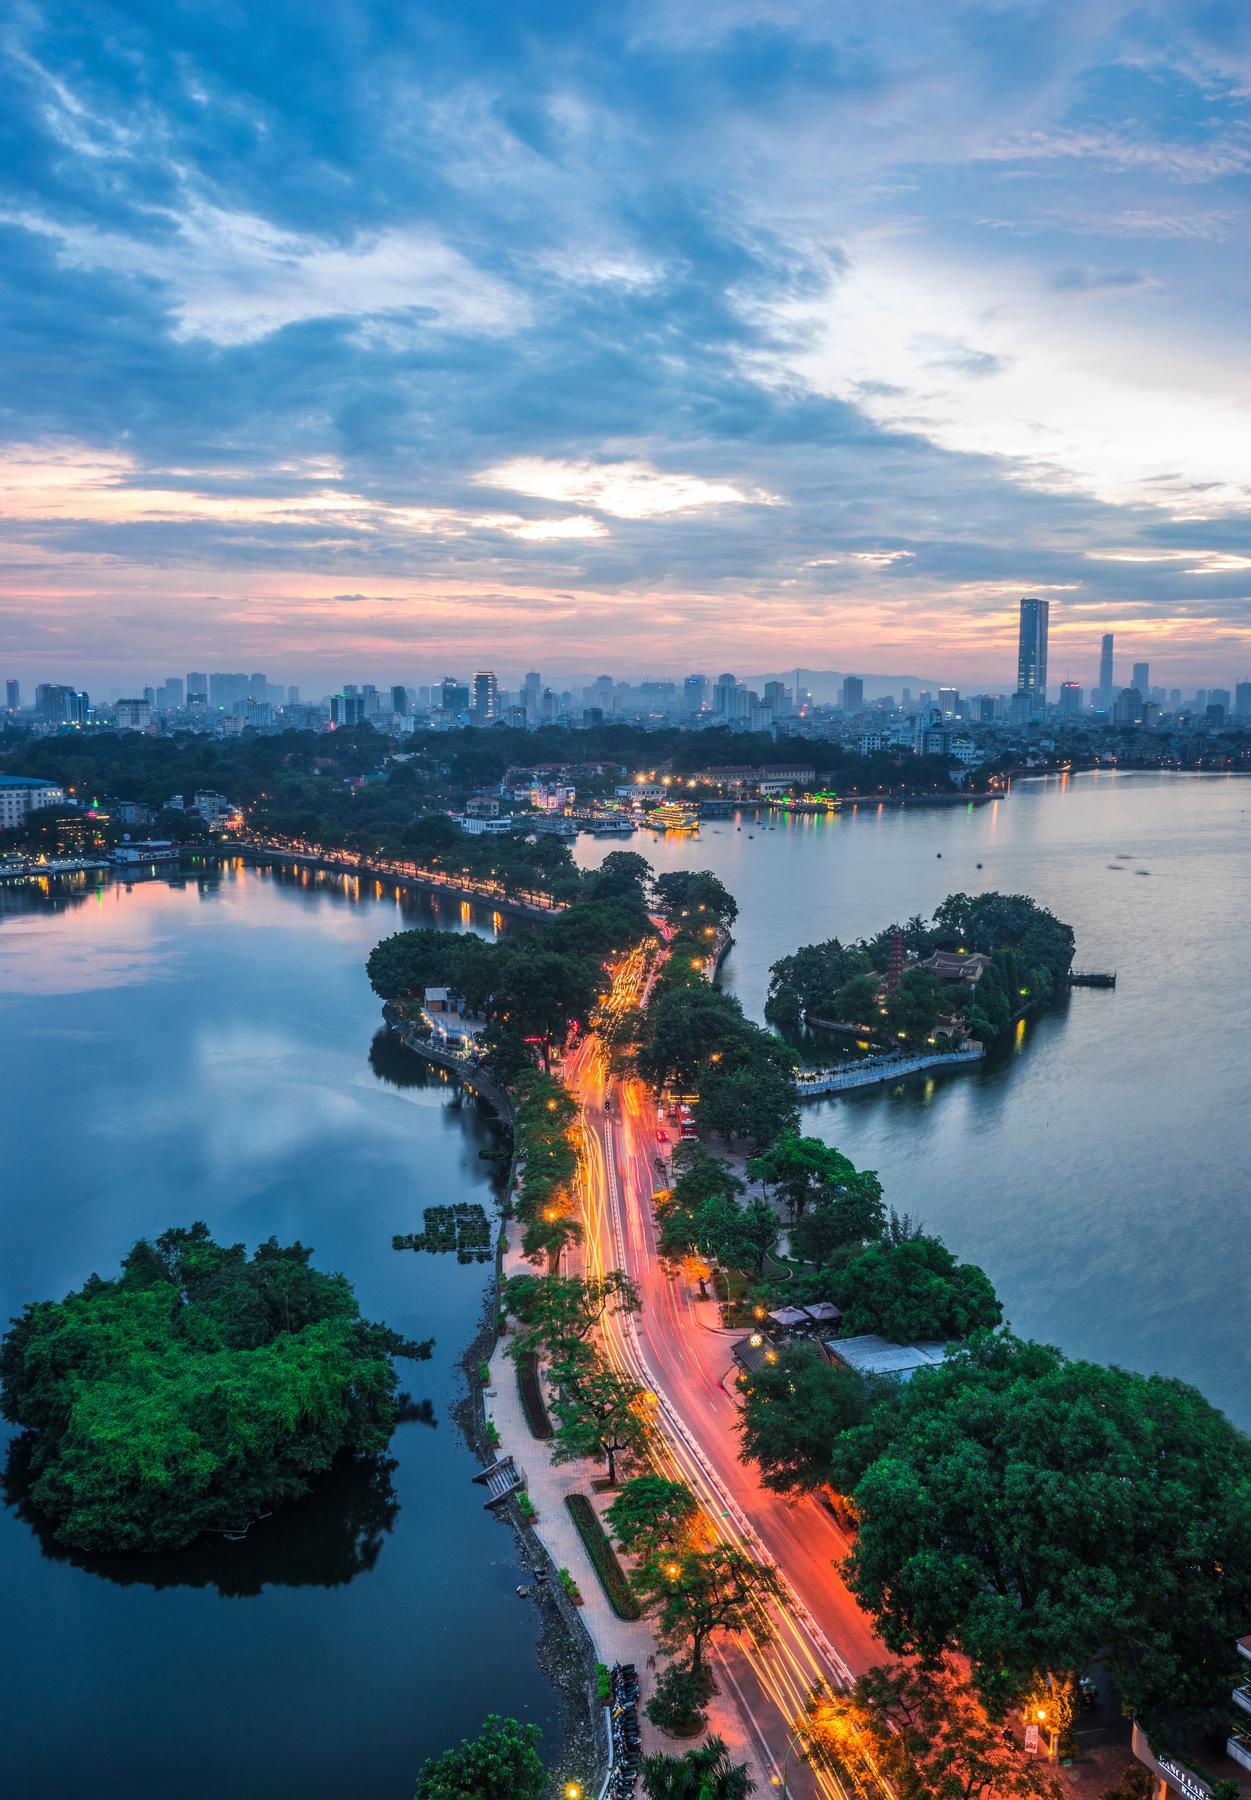 Αυτοκινητόδρομος στο Ανόι του Βιετνάμ φωτισμένος το ηλιοβασίλεμα